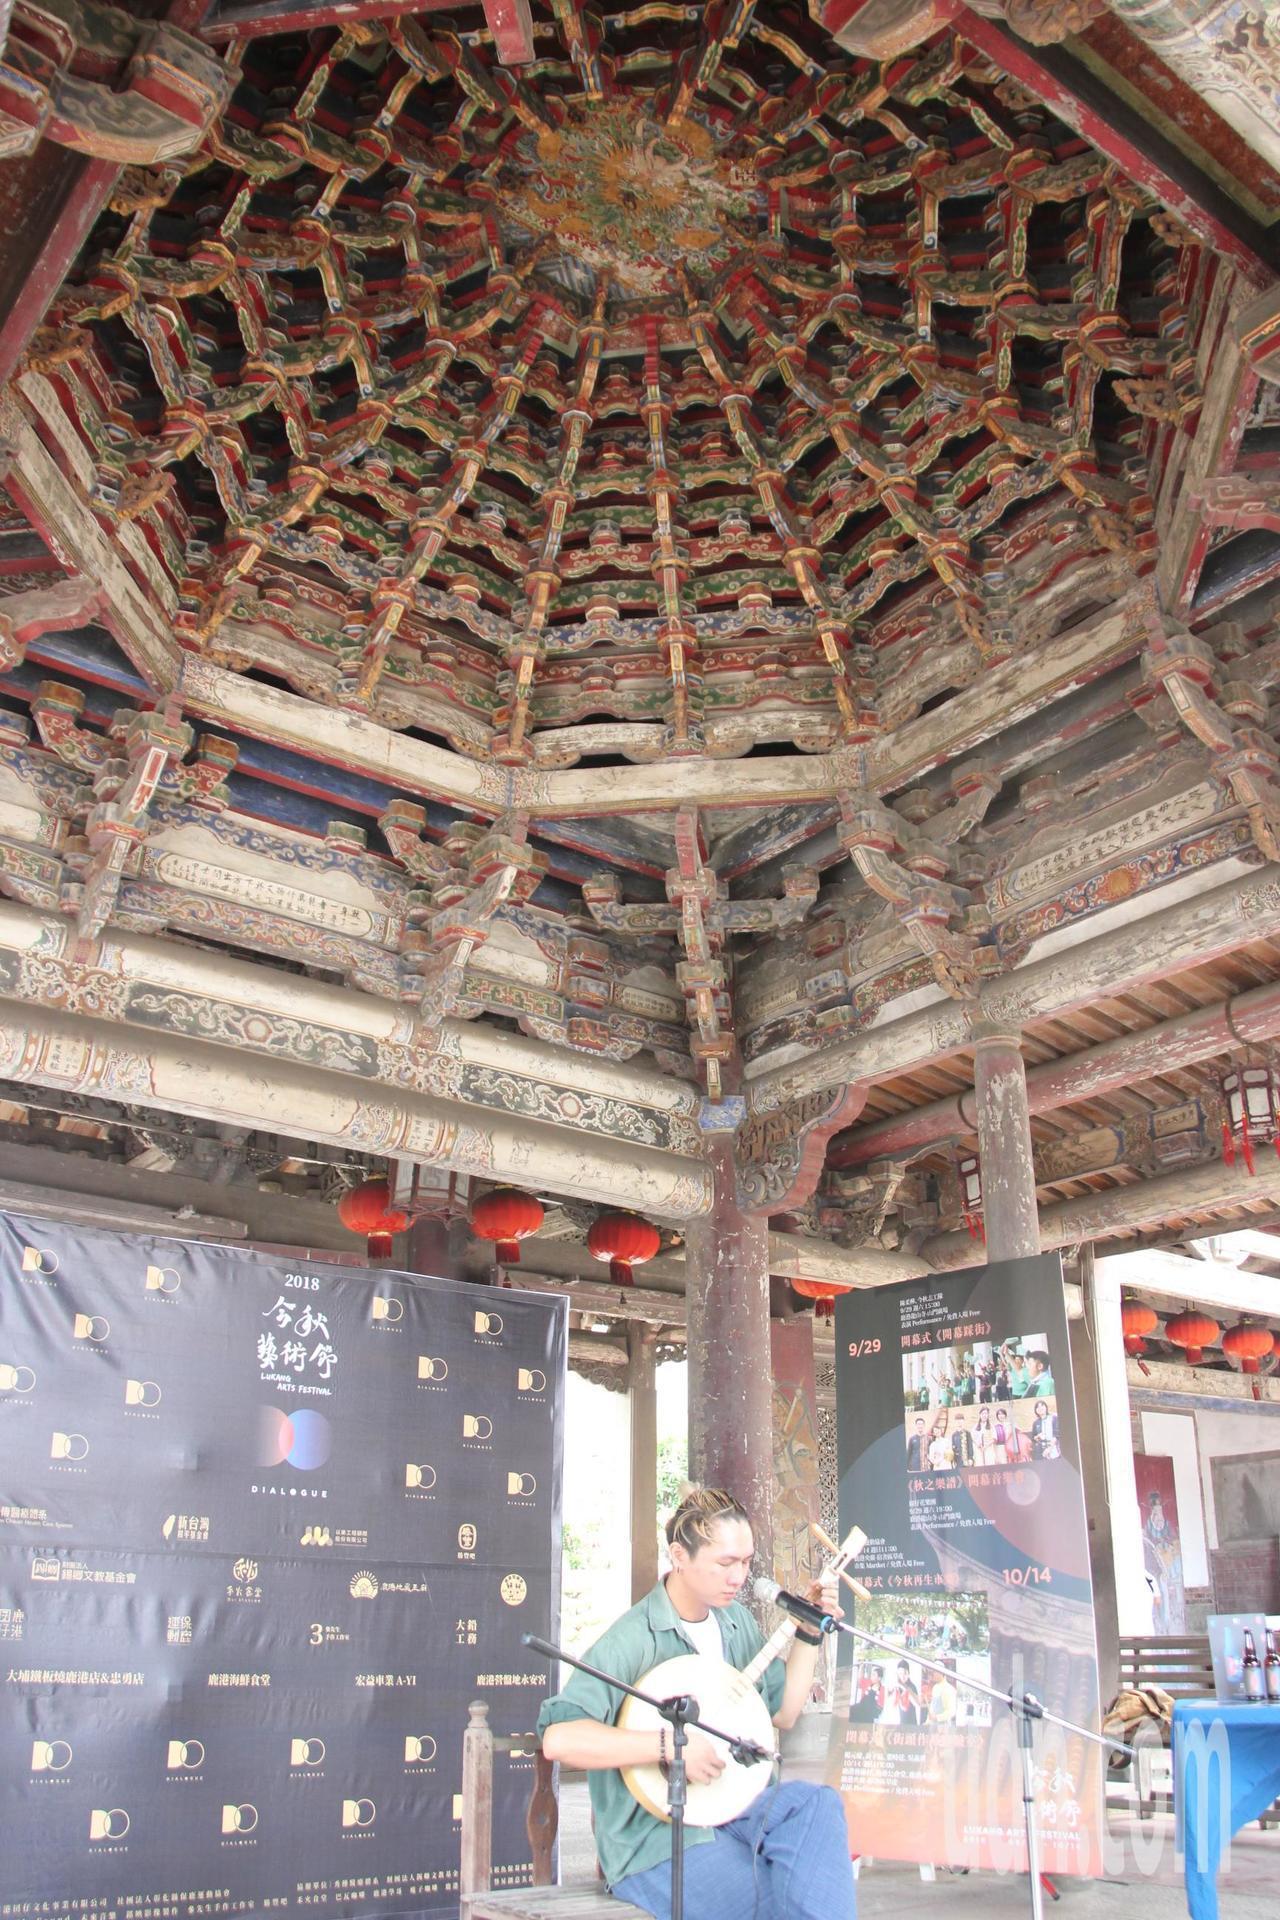 鹿港龍山寺是國定古蹟,八卦藻井木作雕工繁複古色古香。 圖/聯合報系資料照片